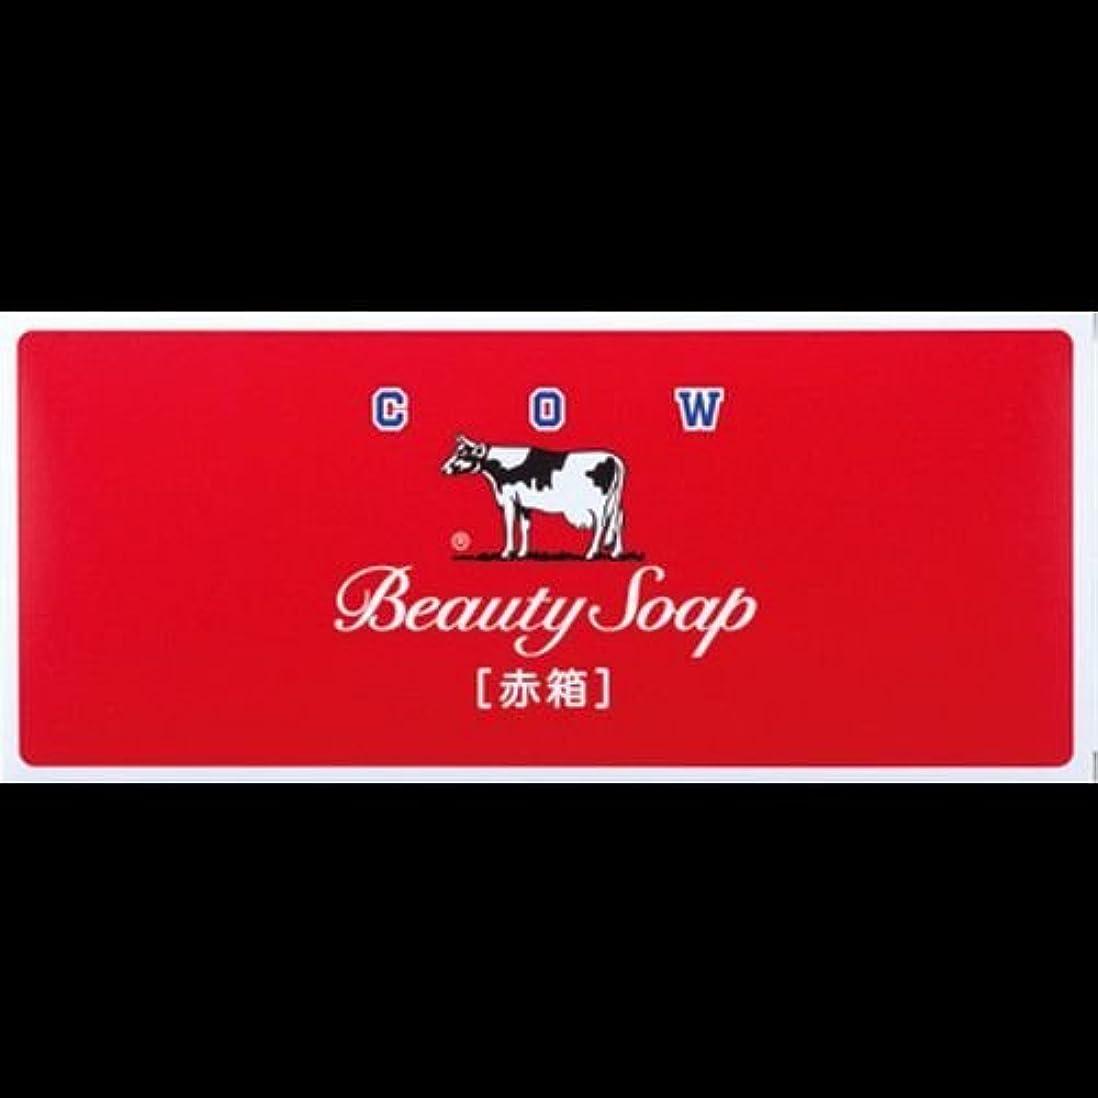 お香オリエントフィード【まとめ買い】カウブランド石鹸 赤箱100g*6個 ×2セット